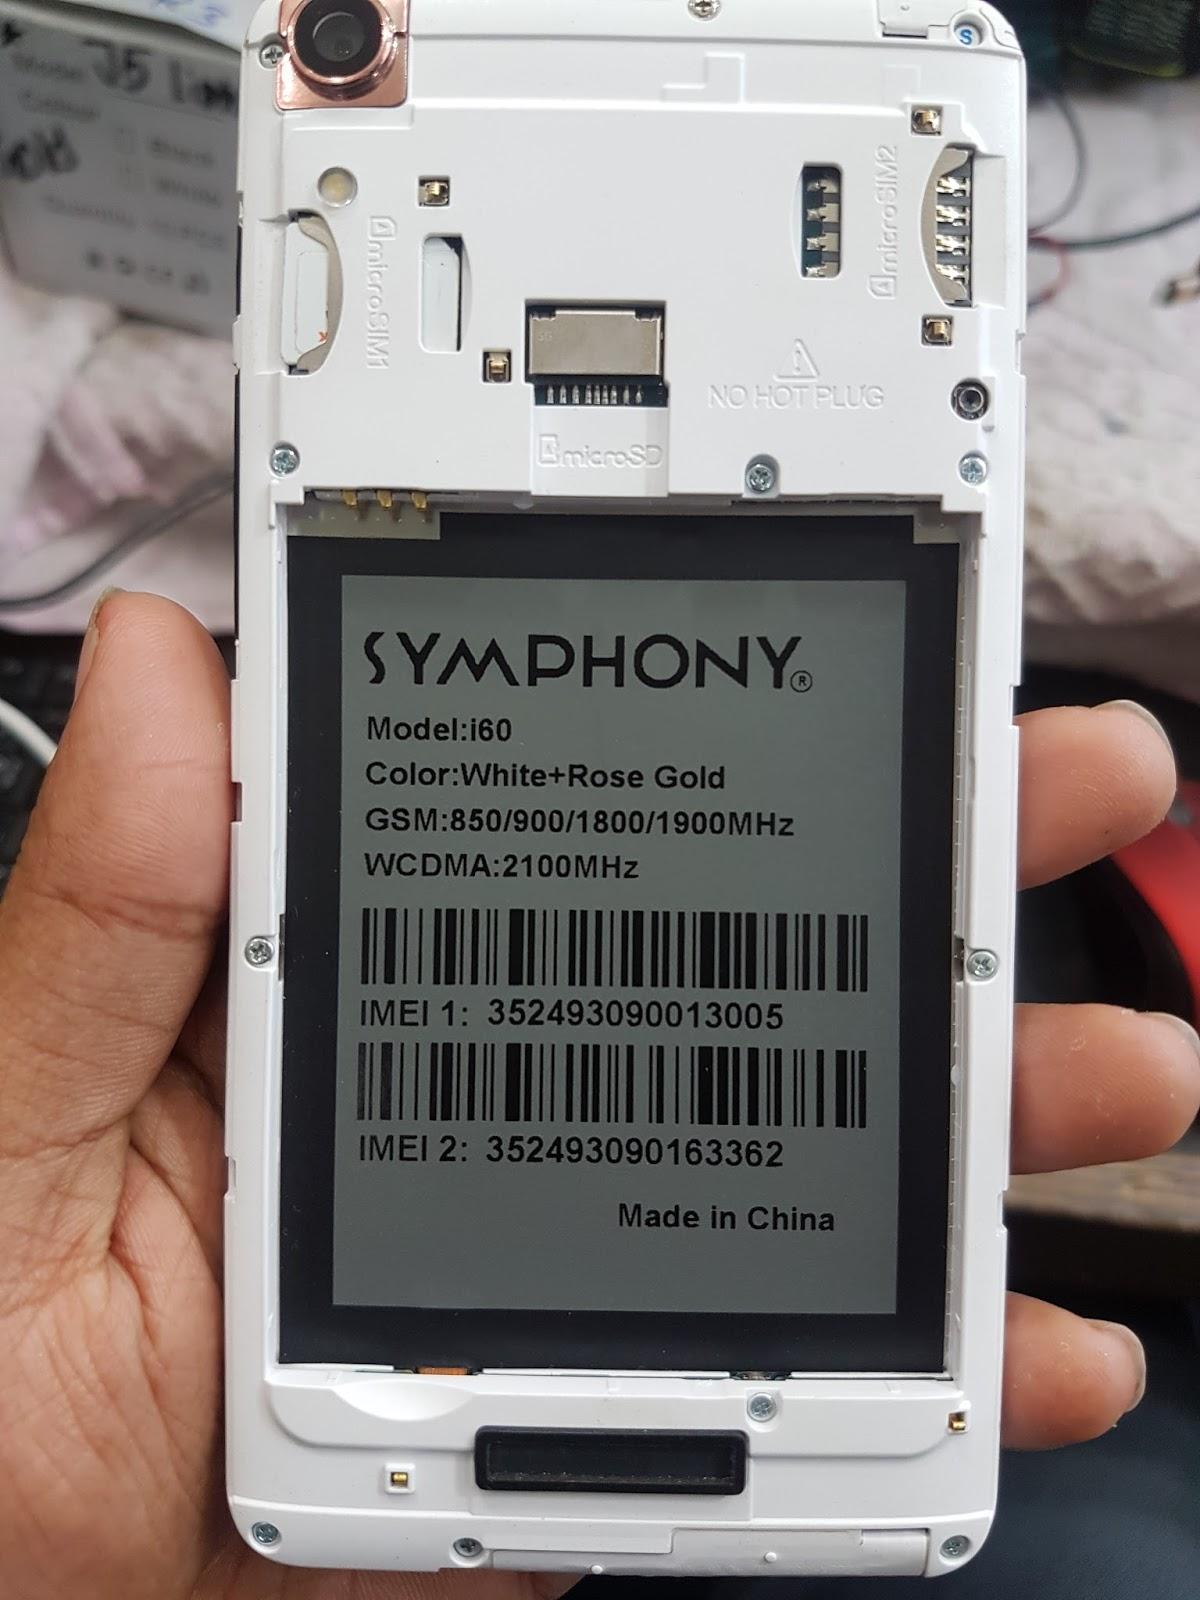 GSM RUMAN TELECOM: SYMPHONY I60 FRP RESET FILE ONLY 48MB